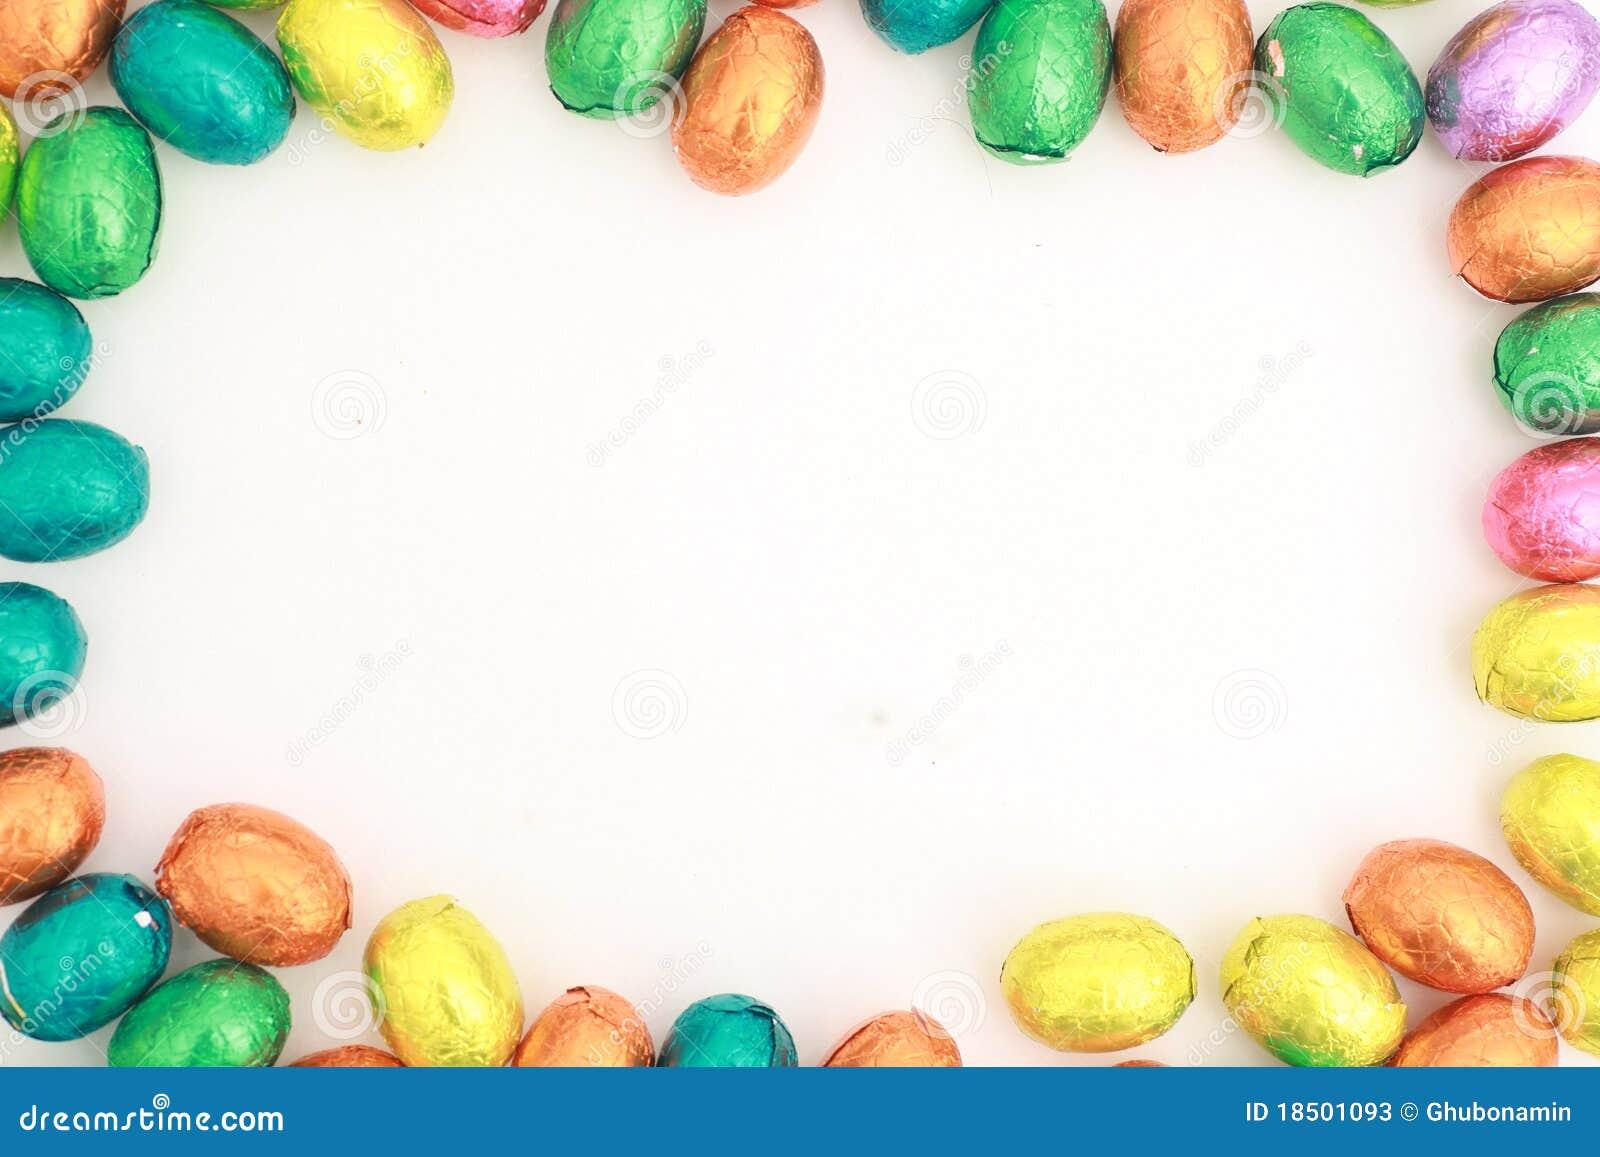 甜�9�_巧克力复活节彩蛋甜传统